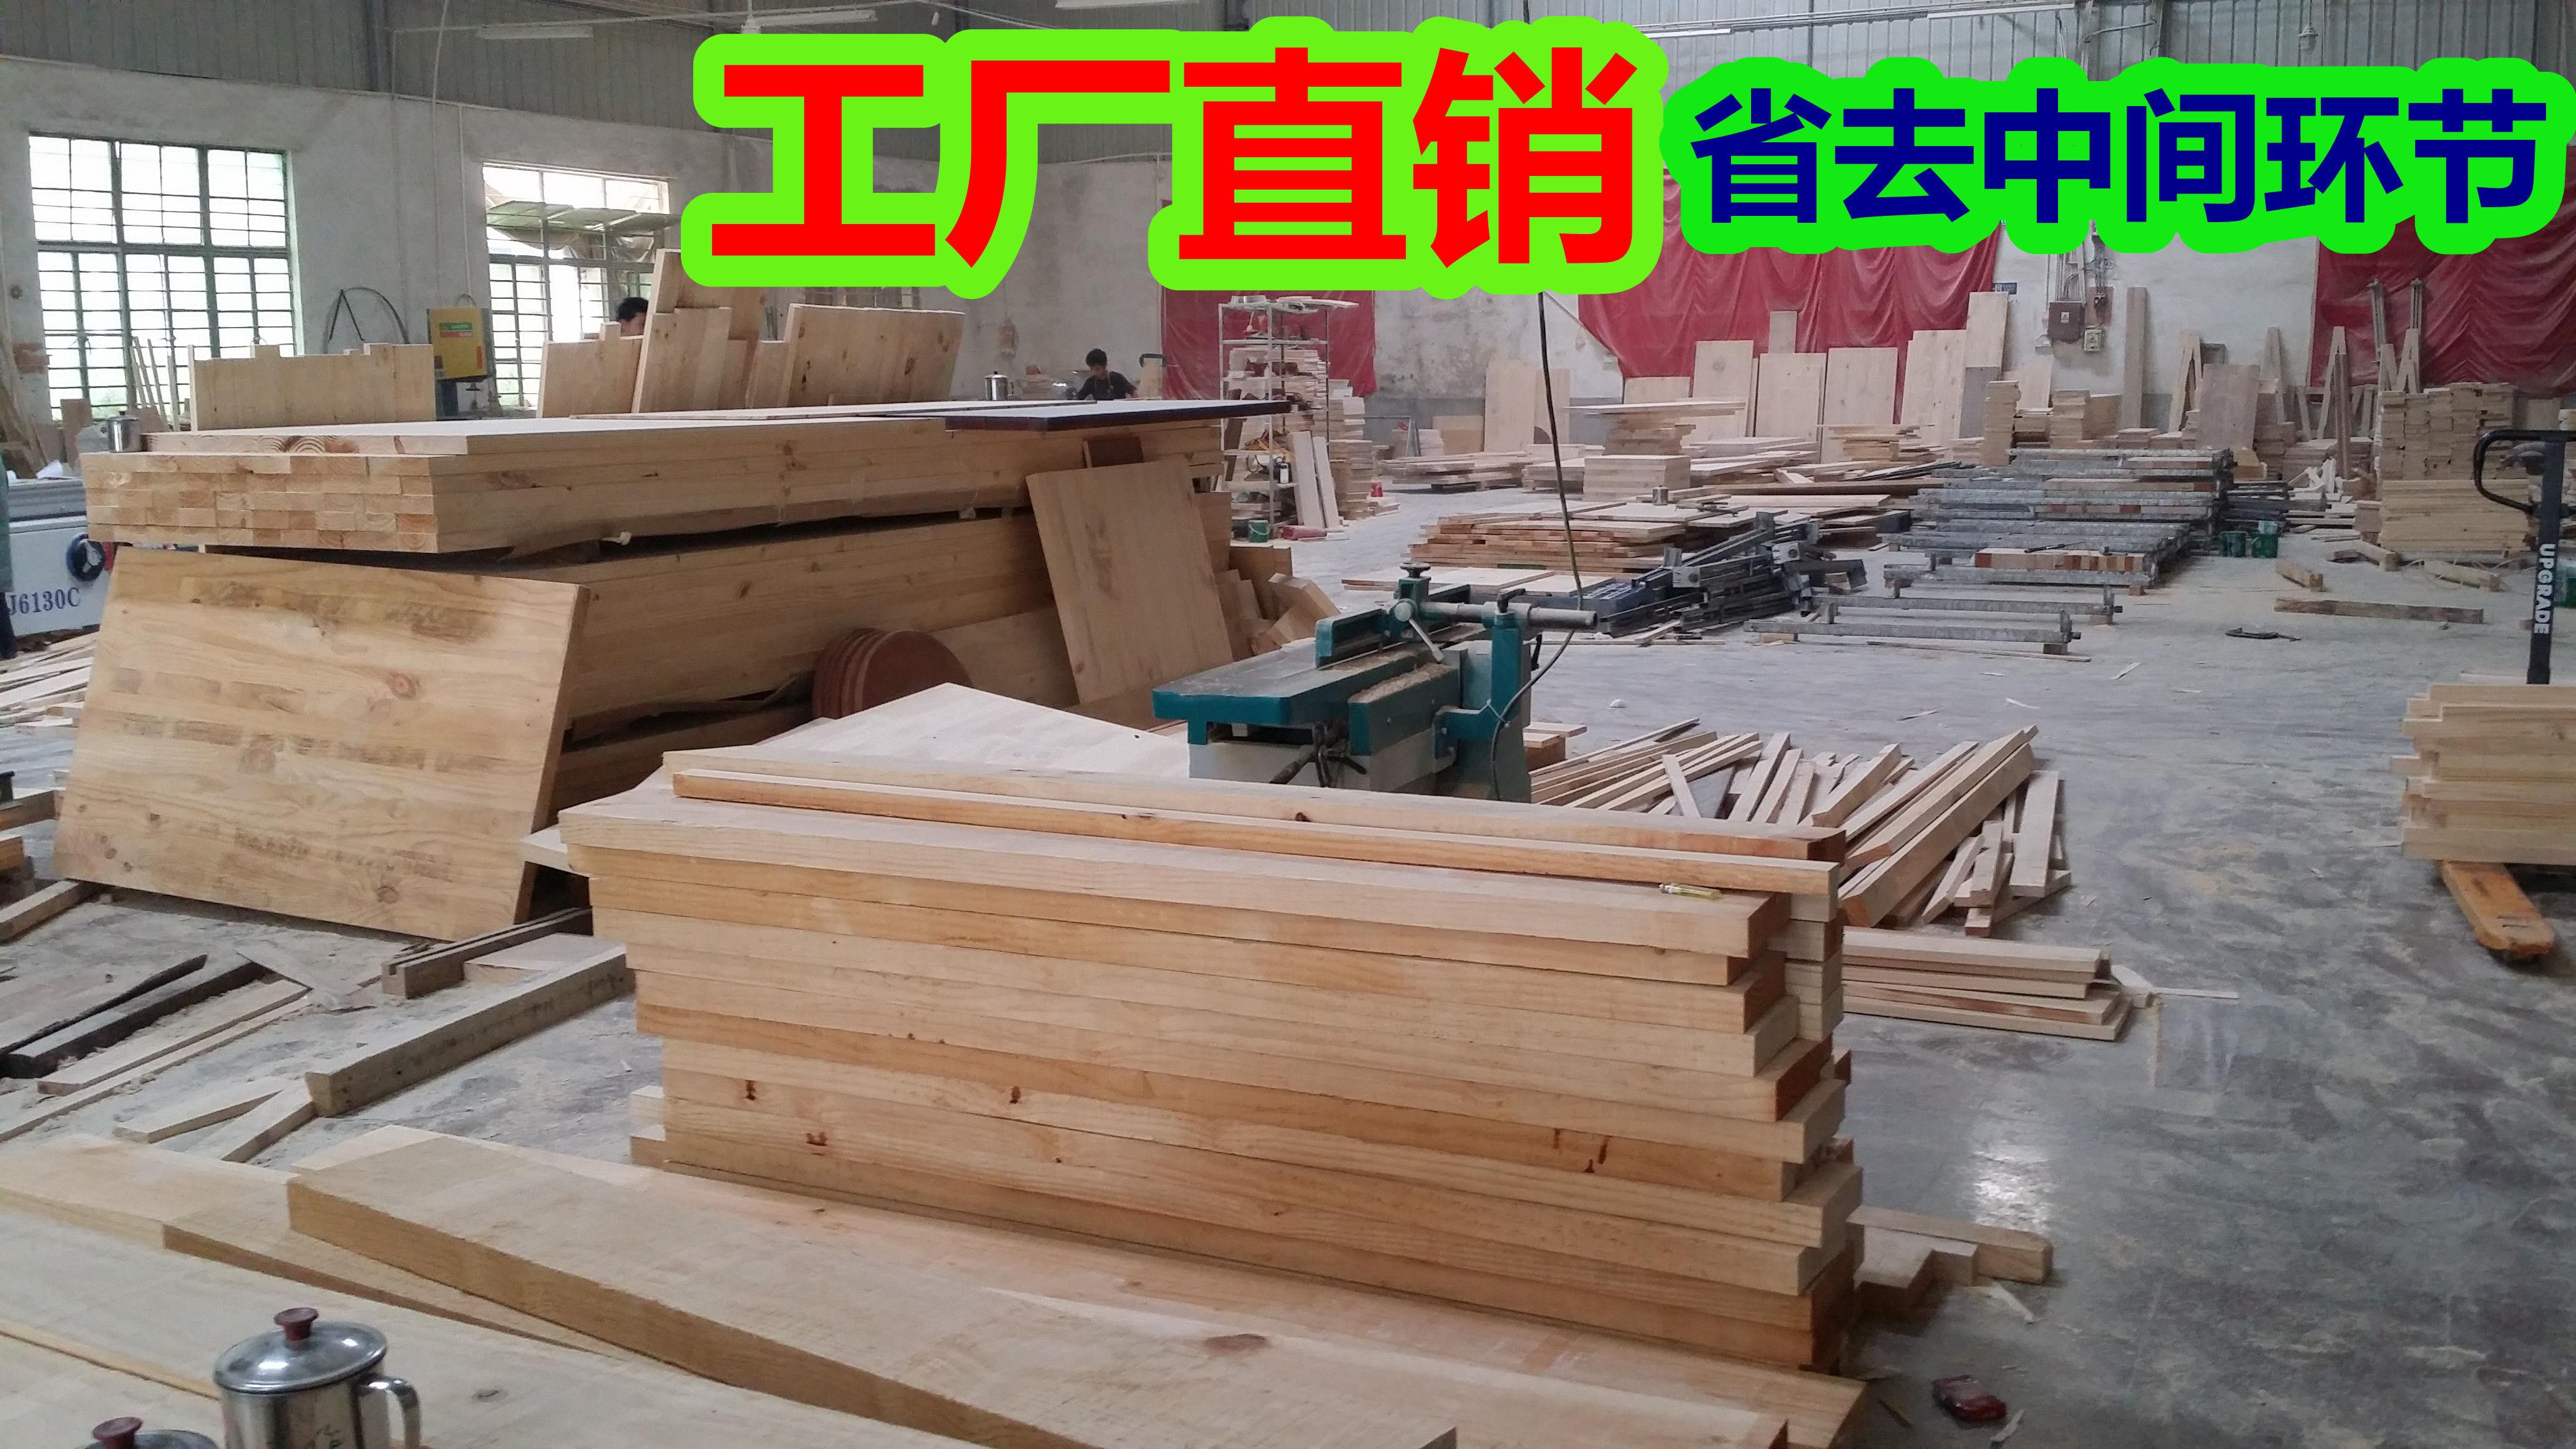 Твердое дерево панель столовая гора панель Workbench write слово Настольный стол панель ставить панель Пользовательский старый вяз панель лесоматериалы